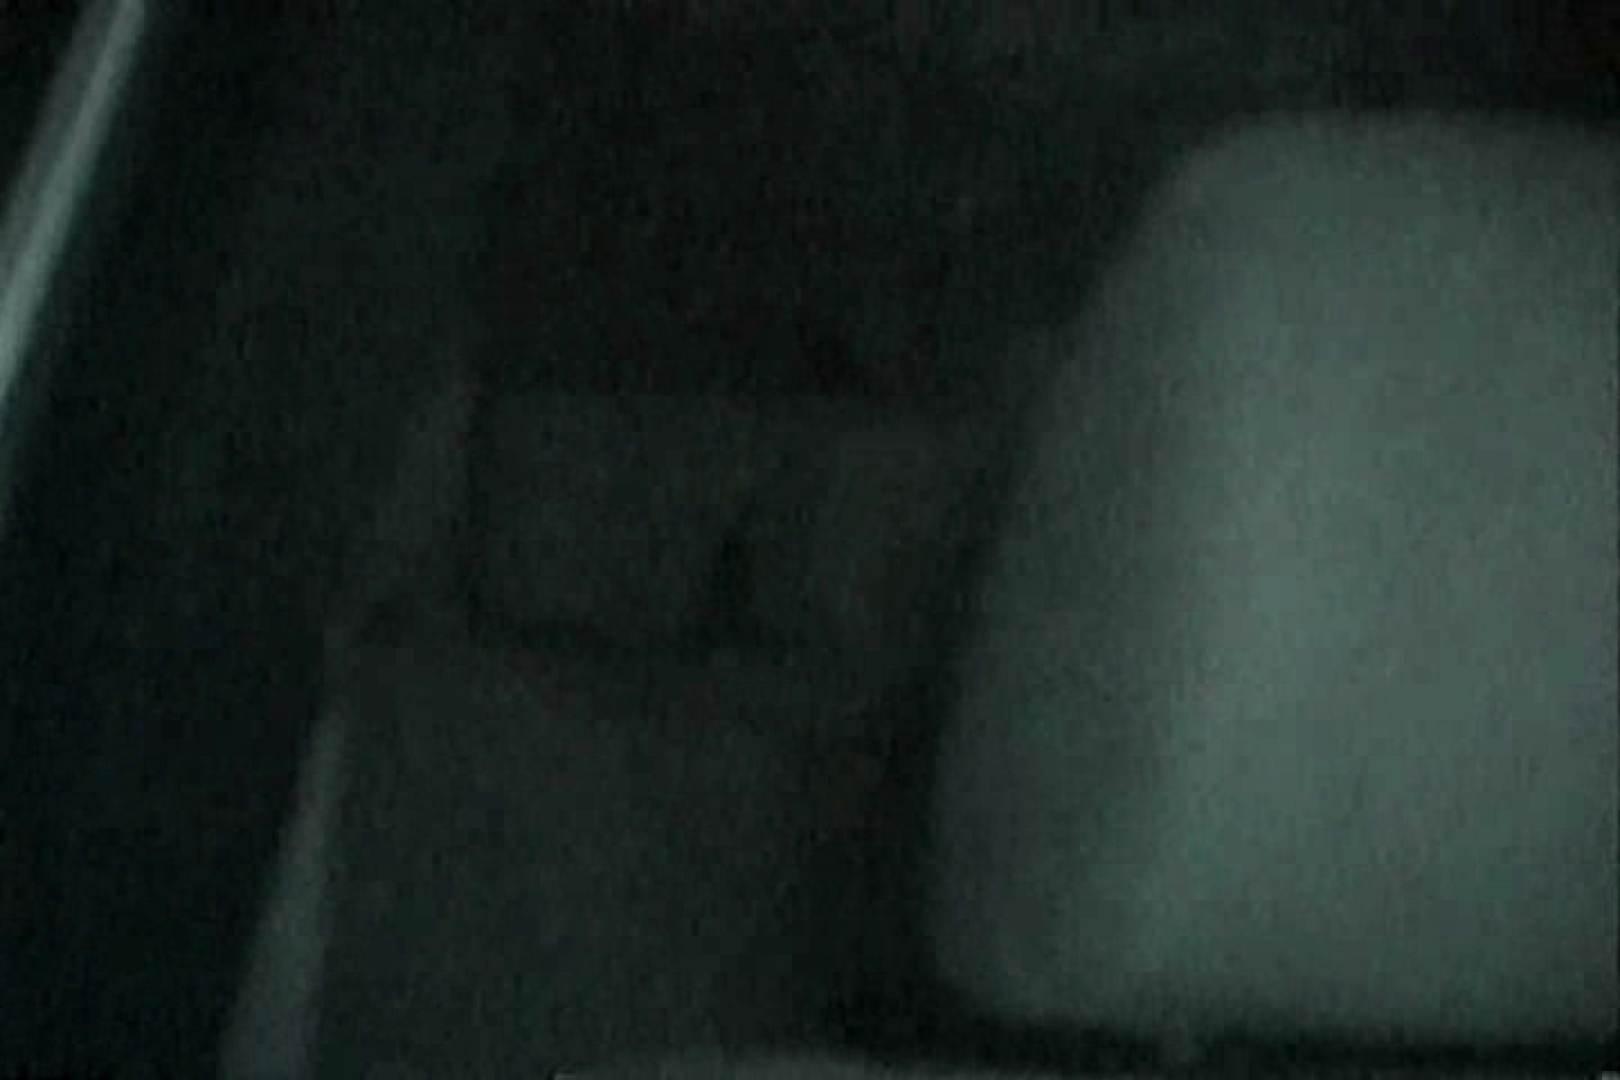 「充血監督」さんの深夜の運動会!! vol.126 OLの実態 盗撮セックス無修正動画無料 52pic 32